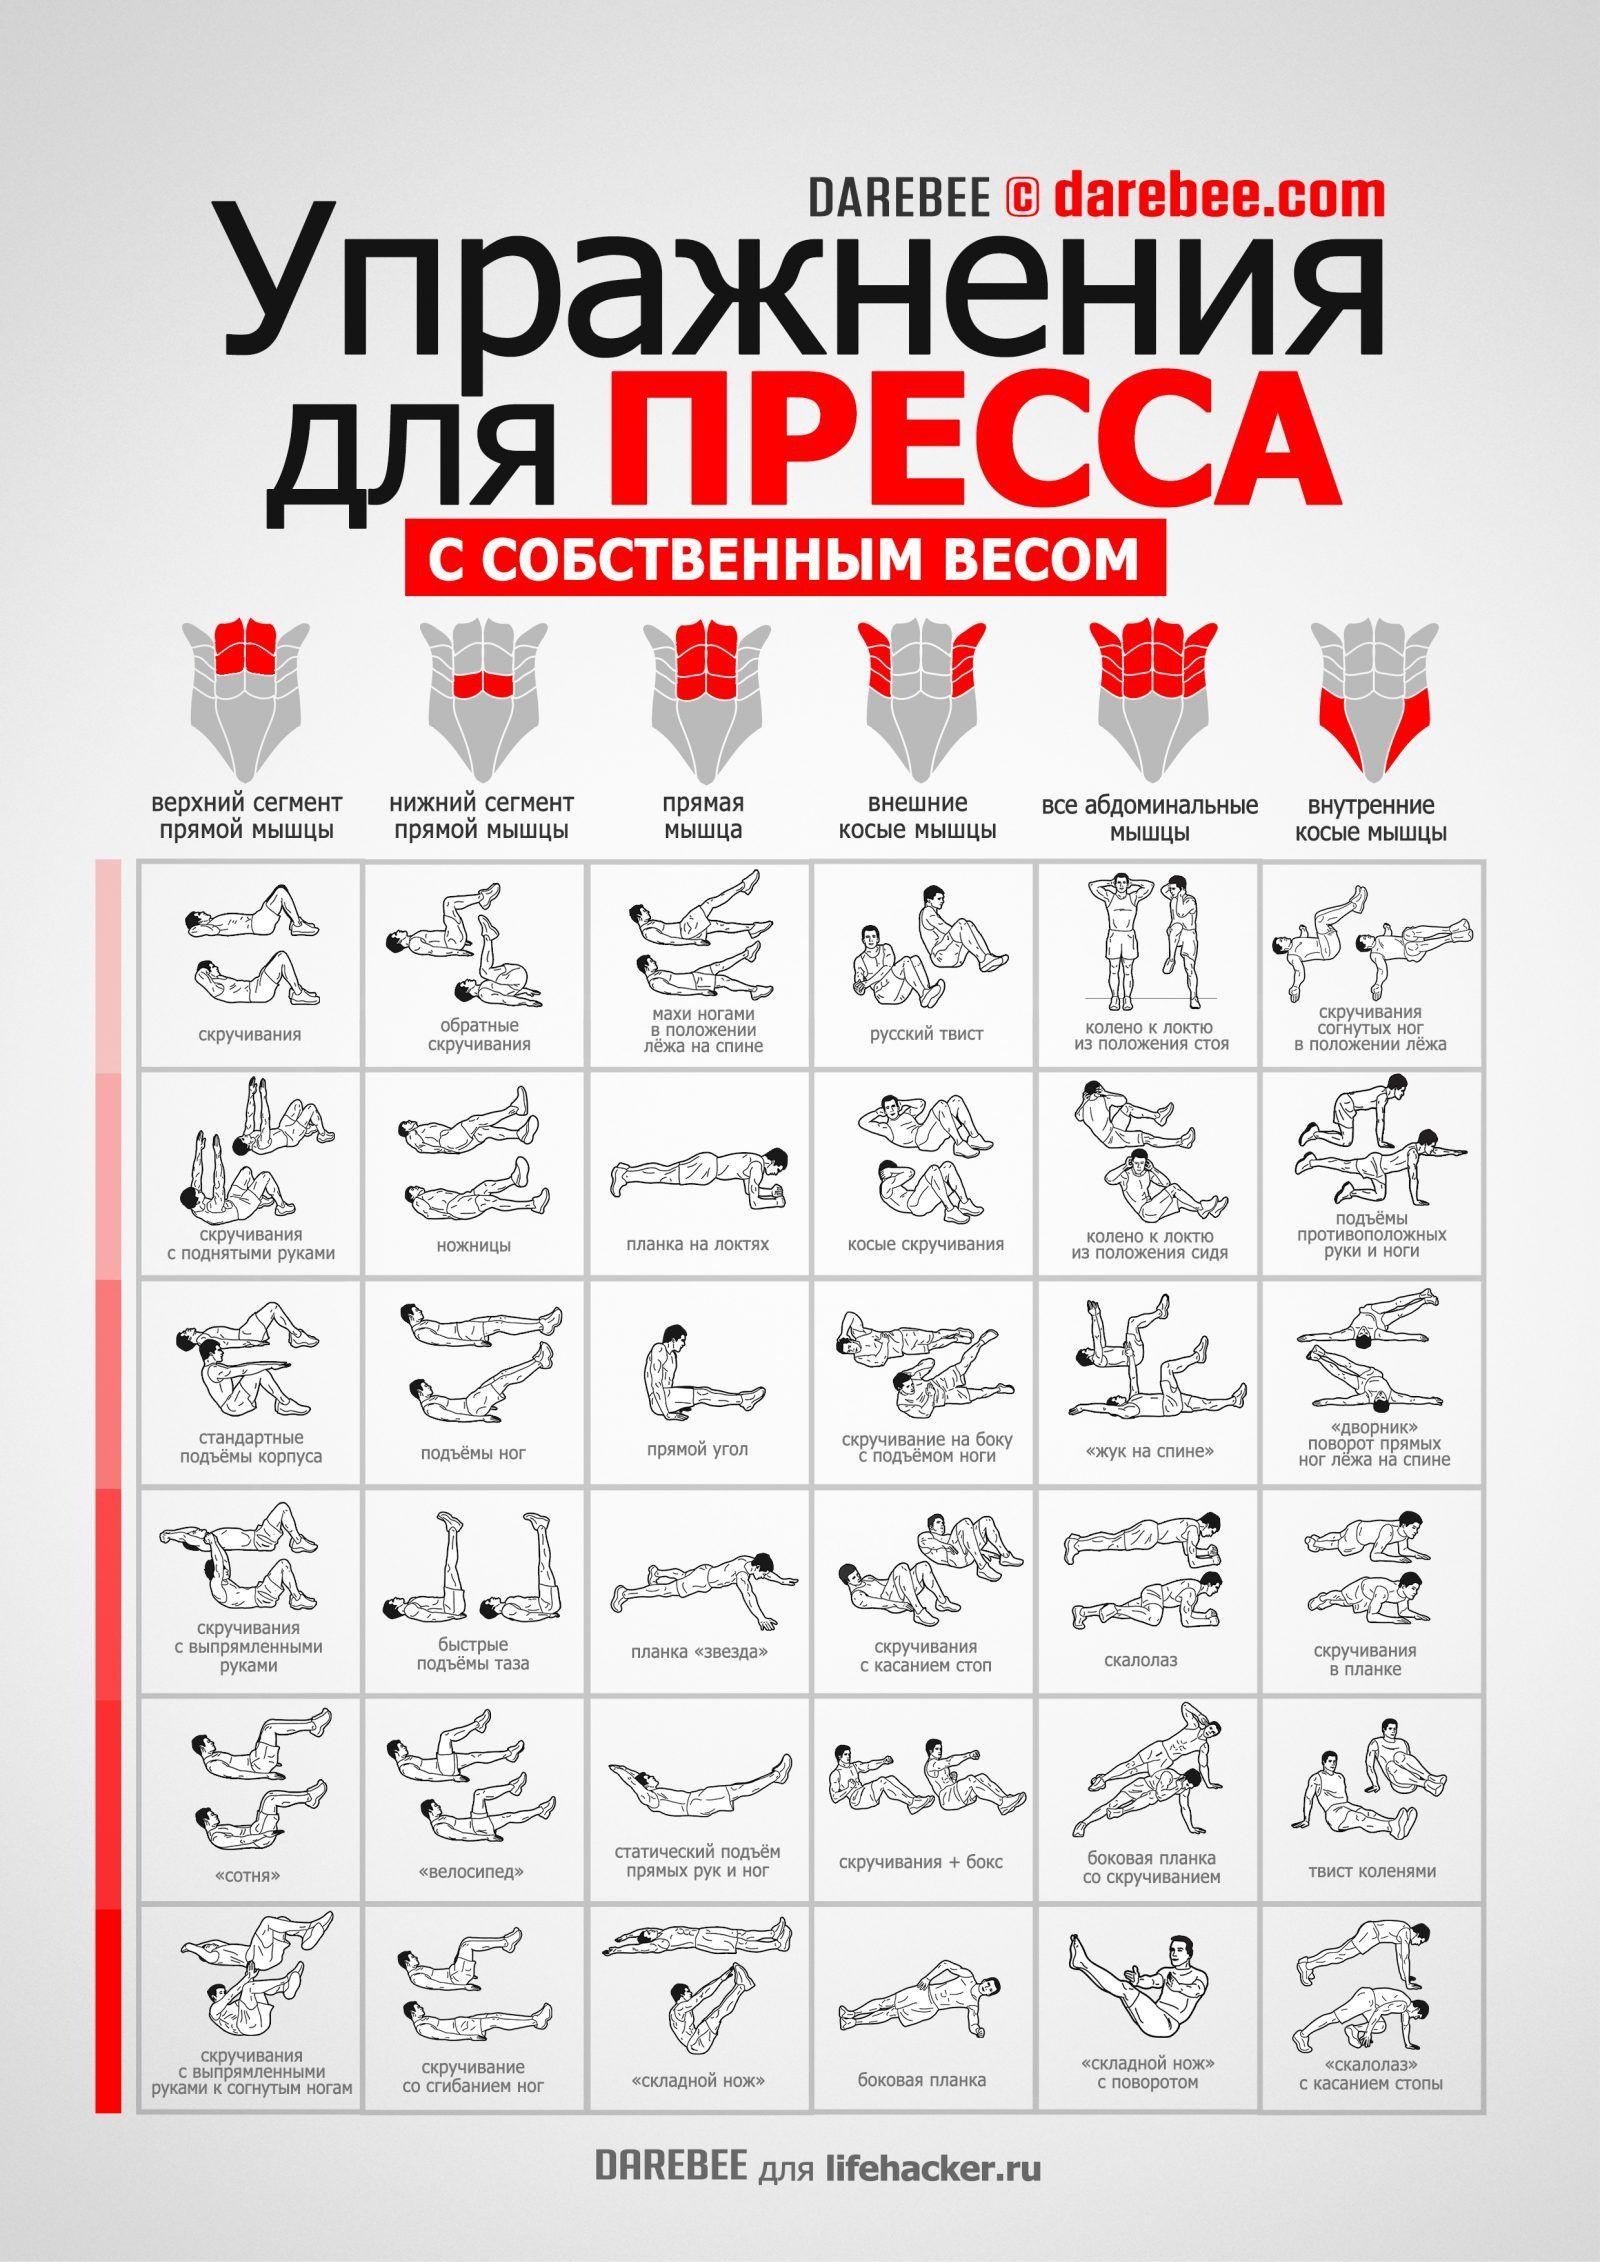 упражнения для рук и пресса в картинках все-таки очки